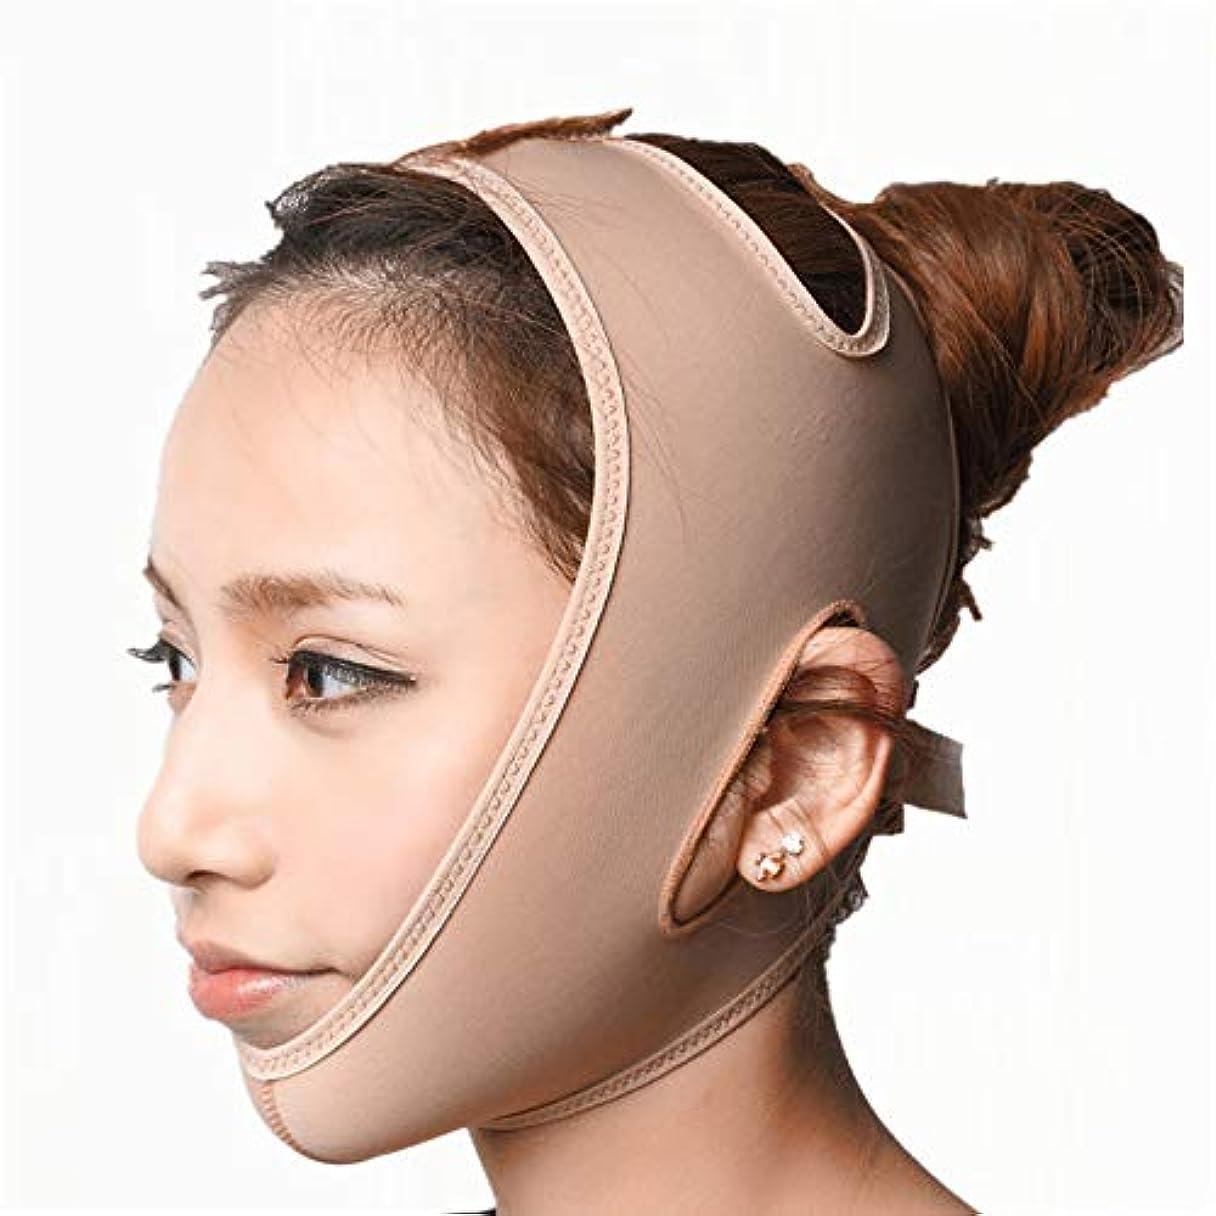 前進相続人バリケードJia Jia- 顔の持ち上がる痩身ベルト - アンチエイジングリンクルフェイスマスクベルトシンフェイス包帯整形マスクは顔と首を締めますフェイススリム 顔面包帯 (サイズ さいず : M)